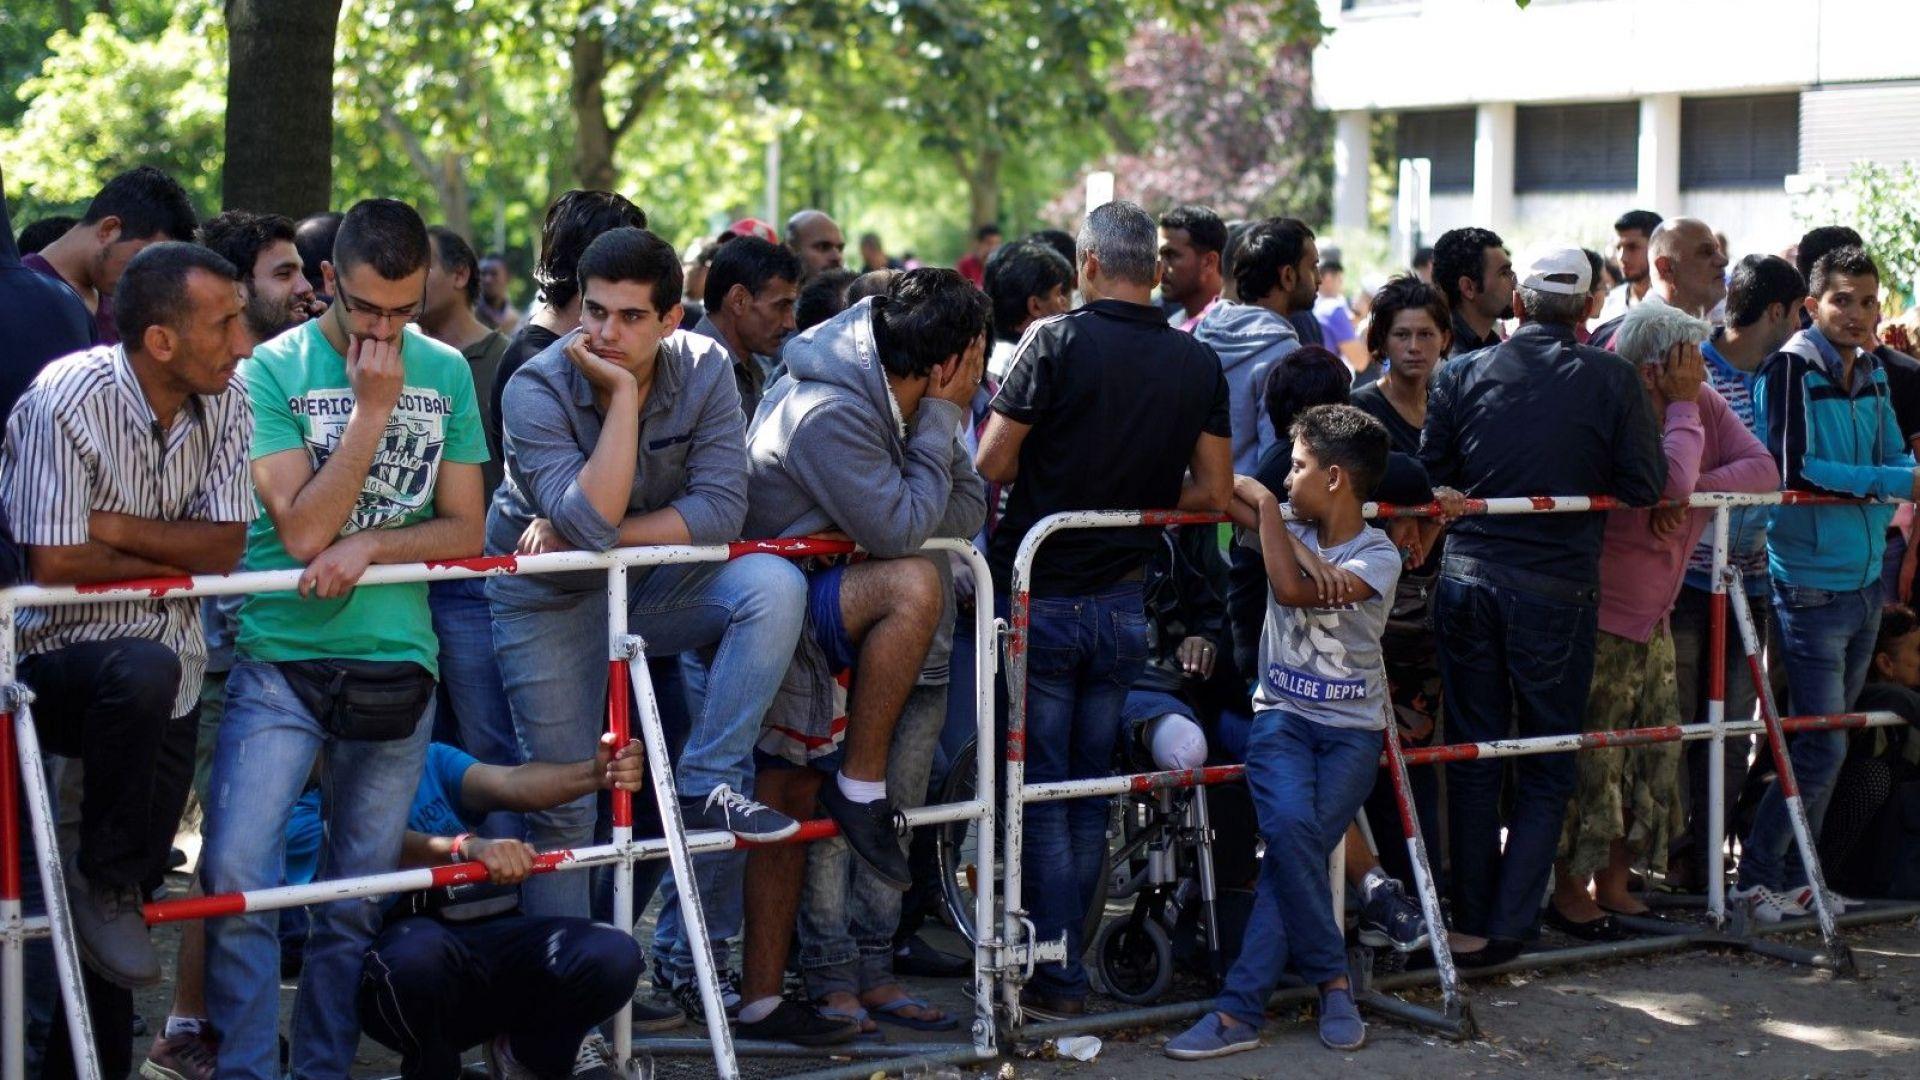 Германия и Австрия засилват граничните проверки, за да се борят срещу престъпността и миграцията